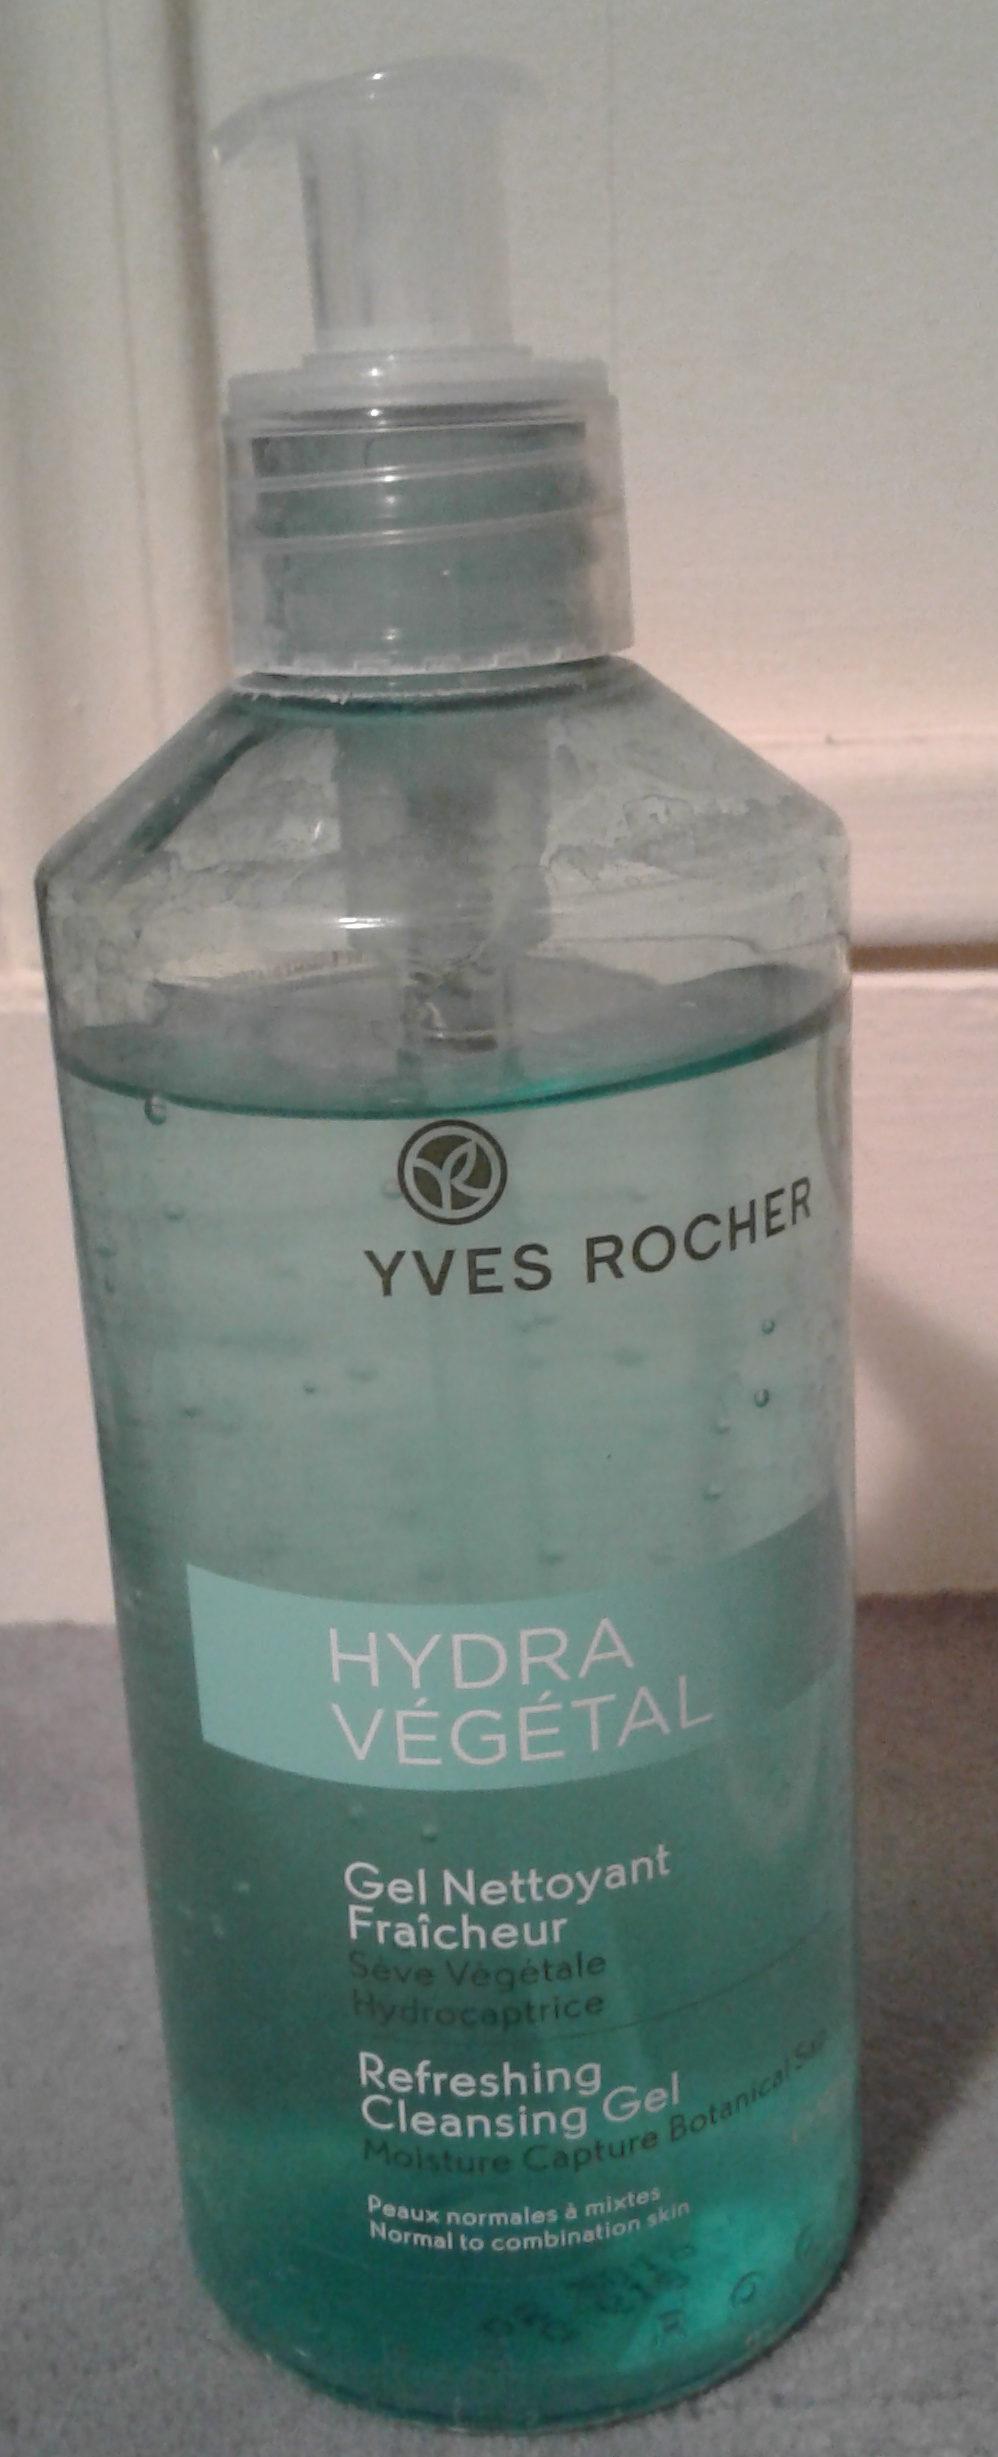 Hydra végétal - Produit - fr